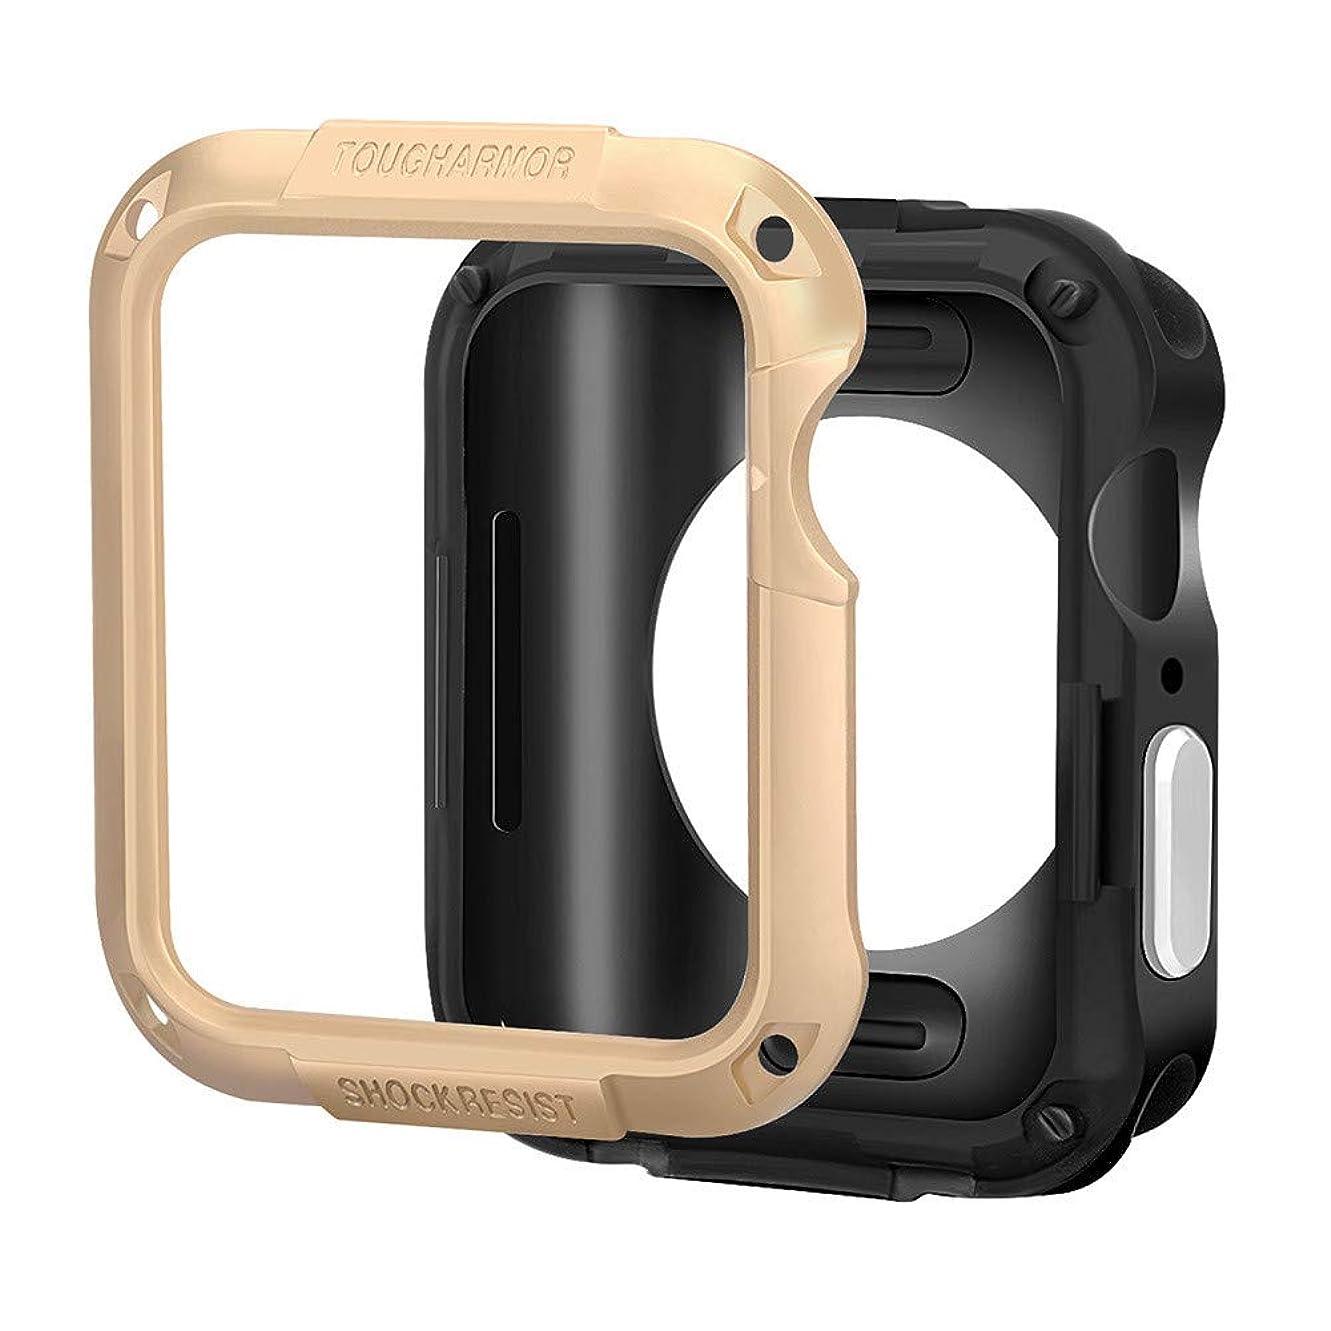 望み開発する過ちiWatch Series 4、Two-in-one TPU、およびPCバンパーフレームと互換性のあるApple Watch 40mm 44mm Series 4用保護ケース (44mm, ゴールド)